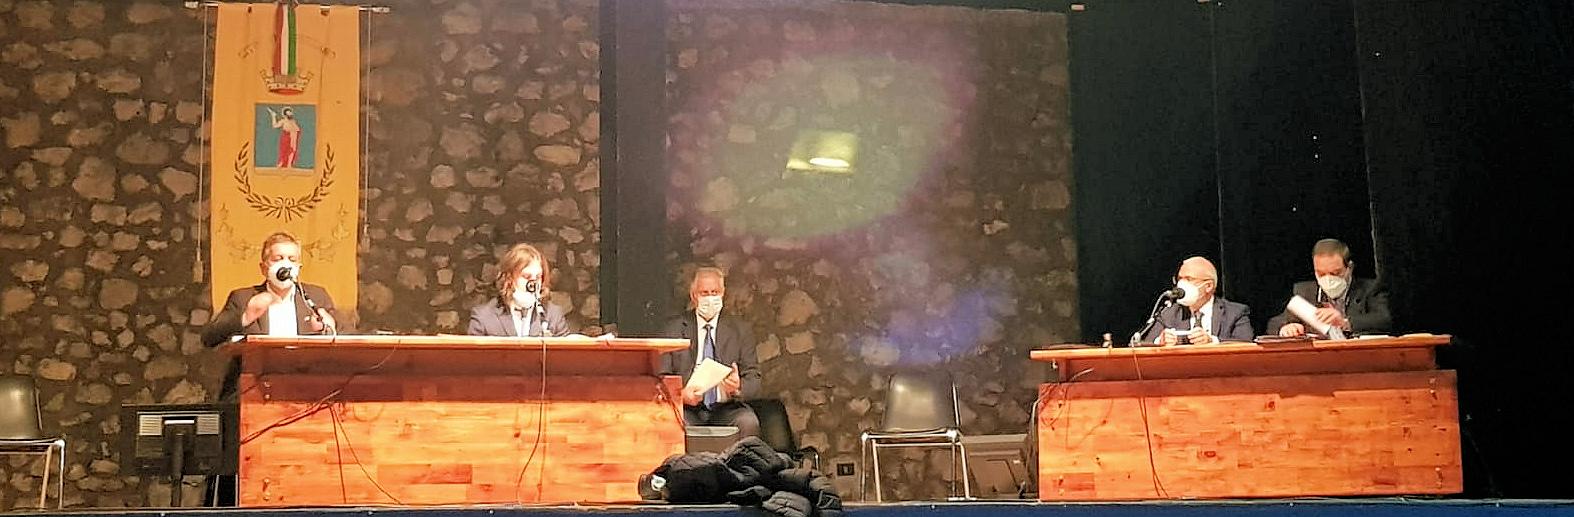 Avezzano, Fabrizio Ridolfi è il nuovo presidente del consiglio